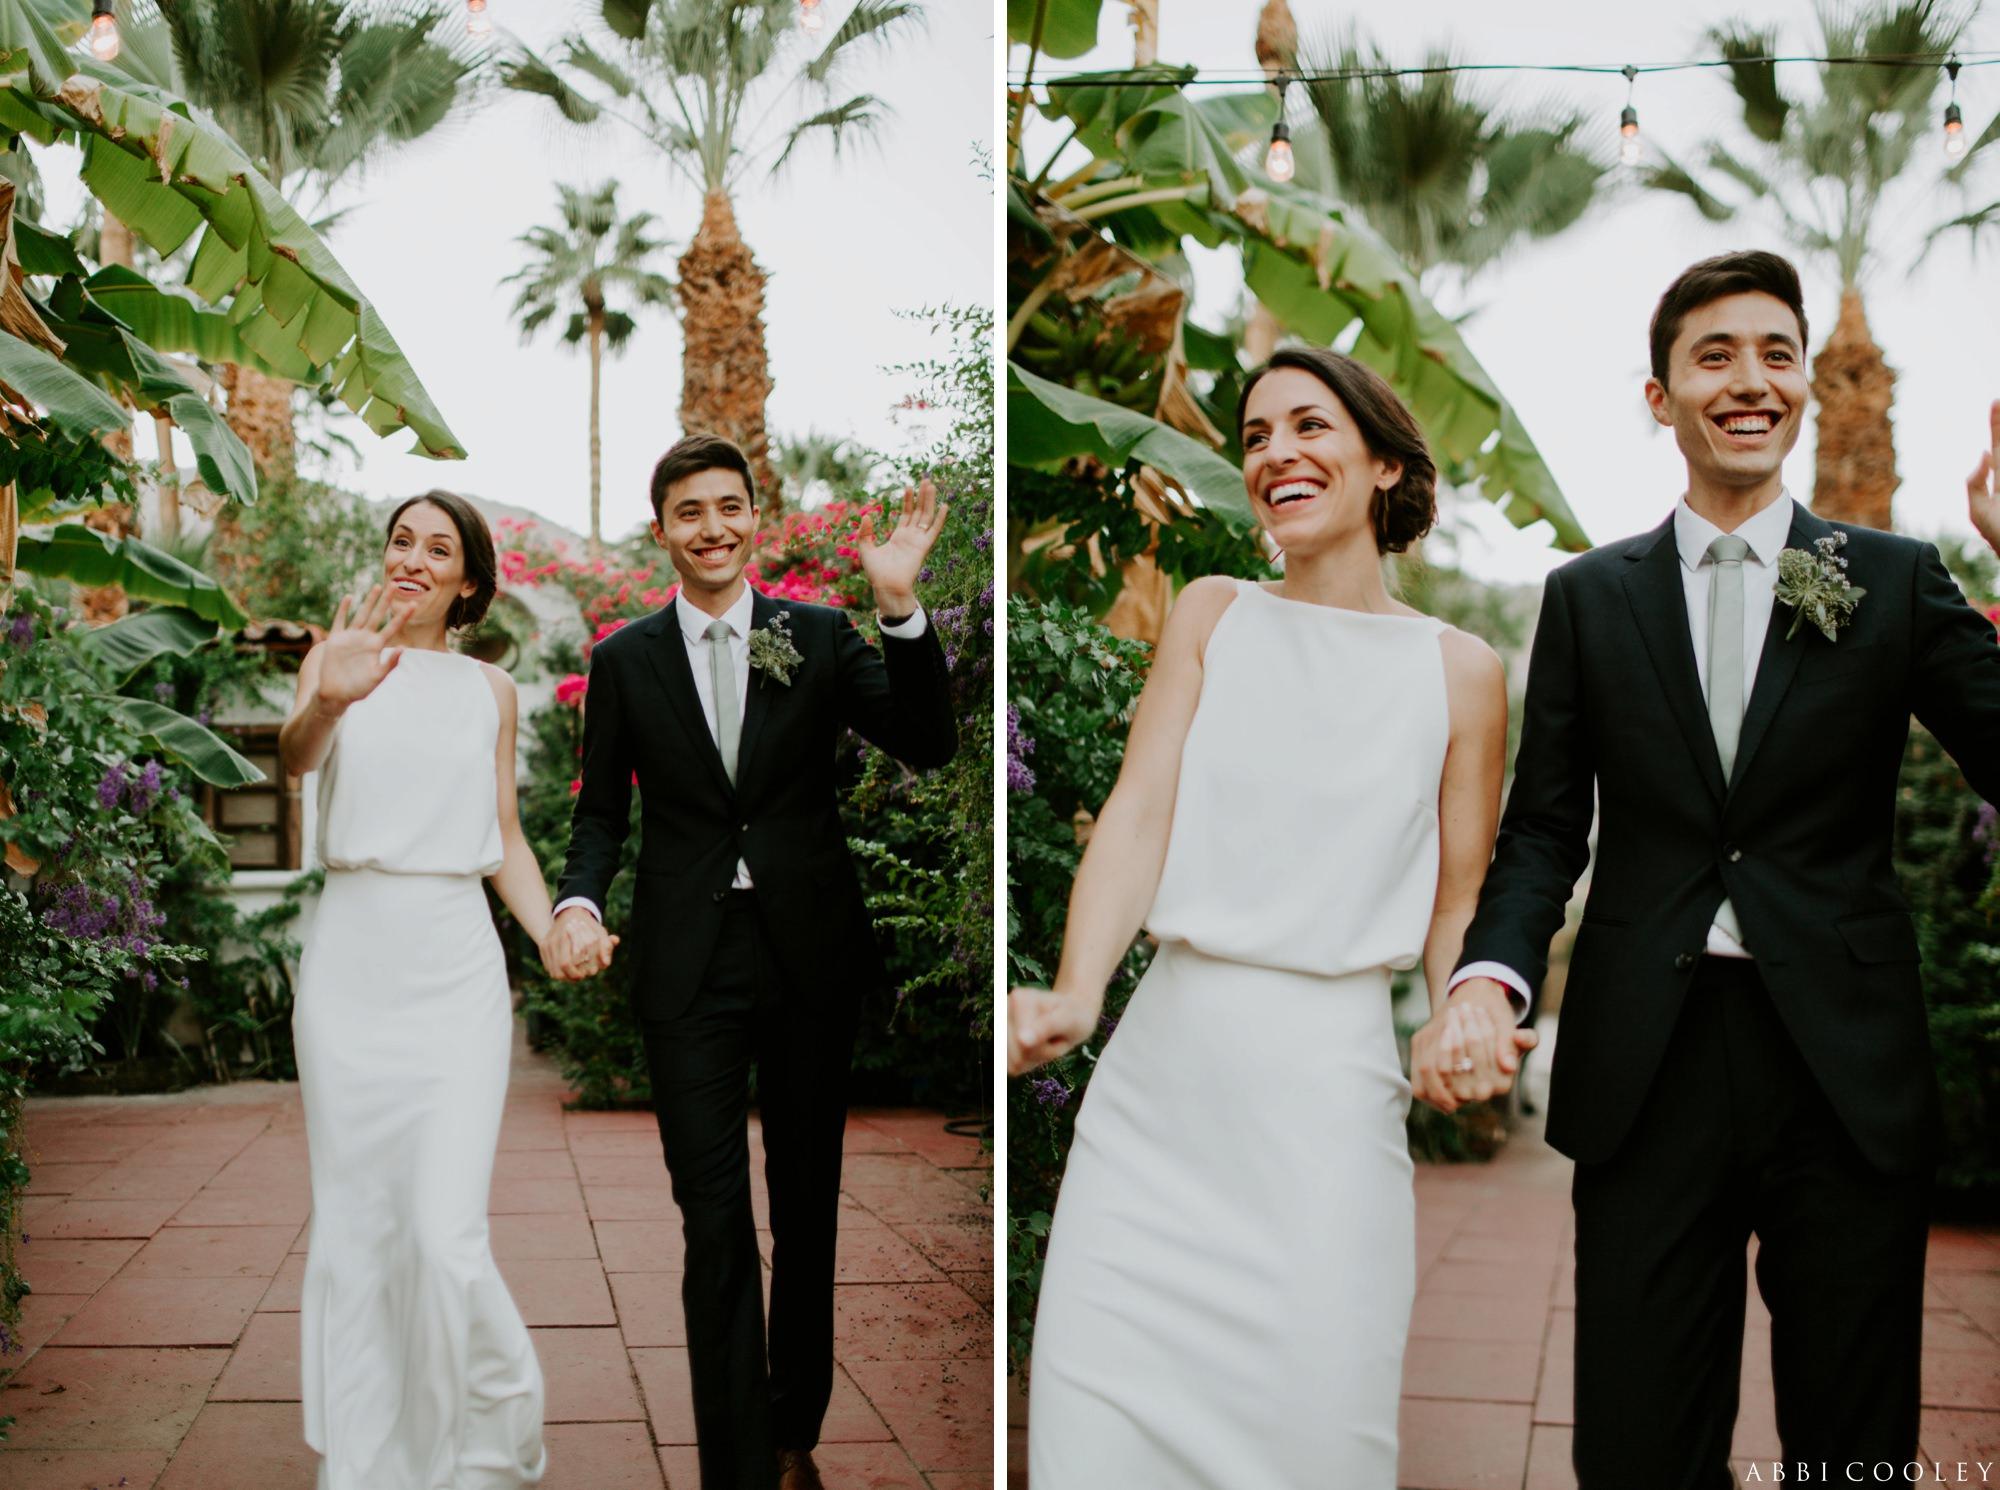 bride and groom entrance Casa de Monte Vista Palm Springs Wedding